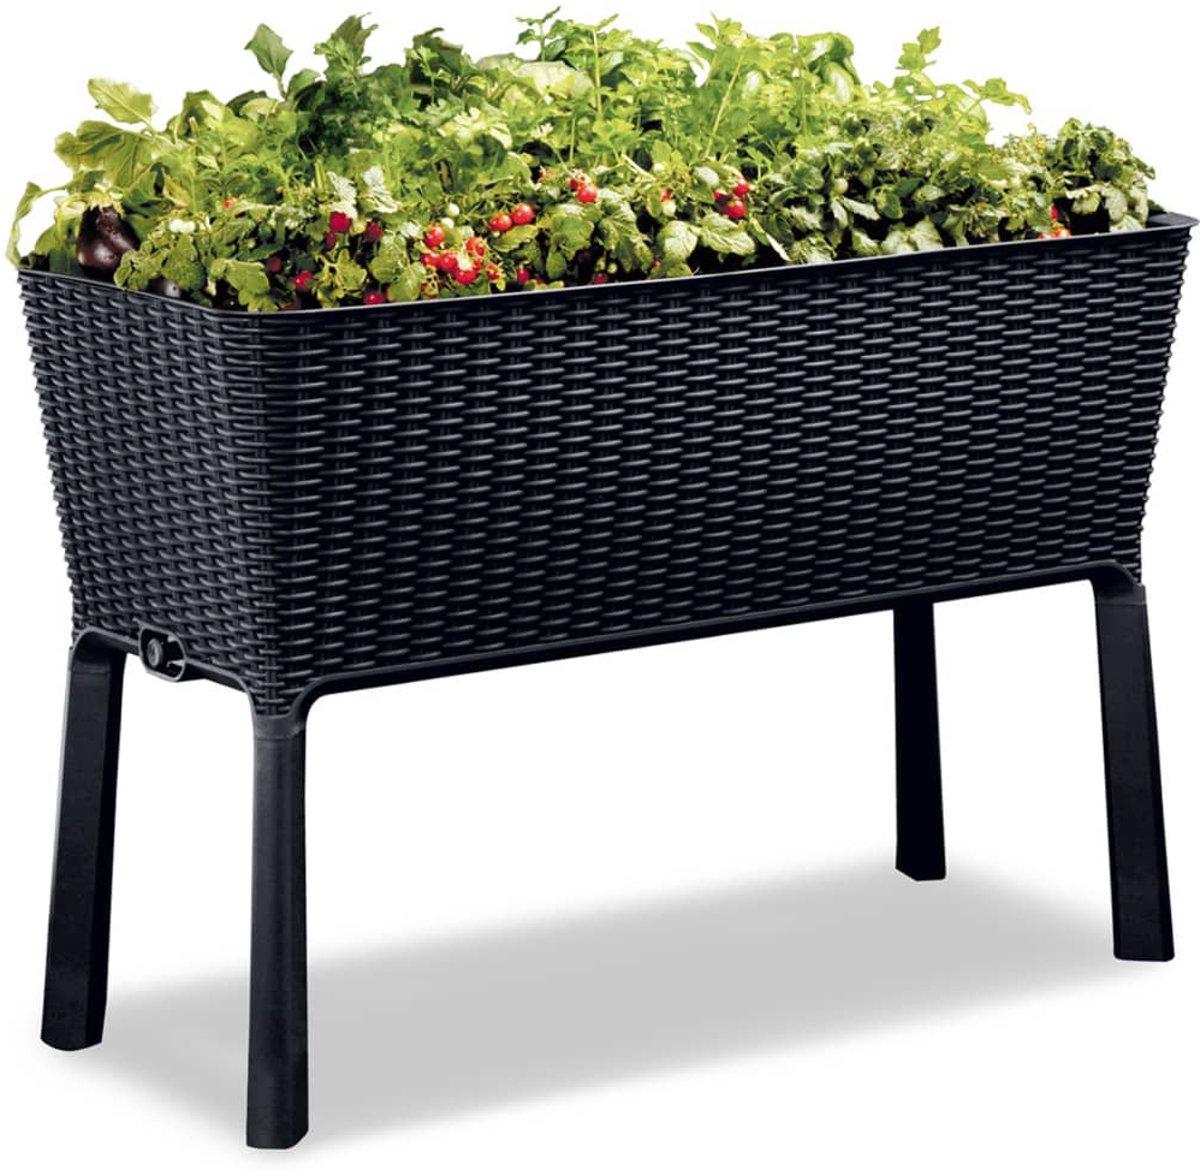 Keter plantenbak Easy Growing 120 L 229098 kopen